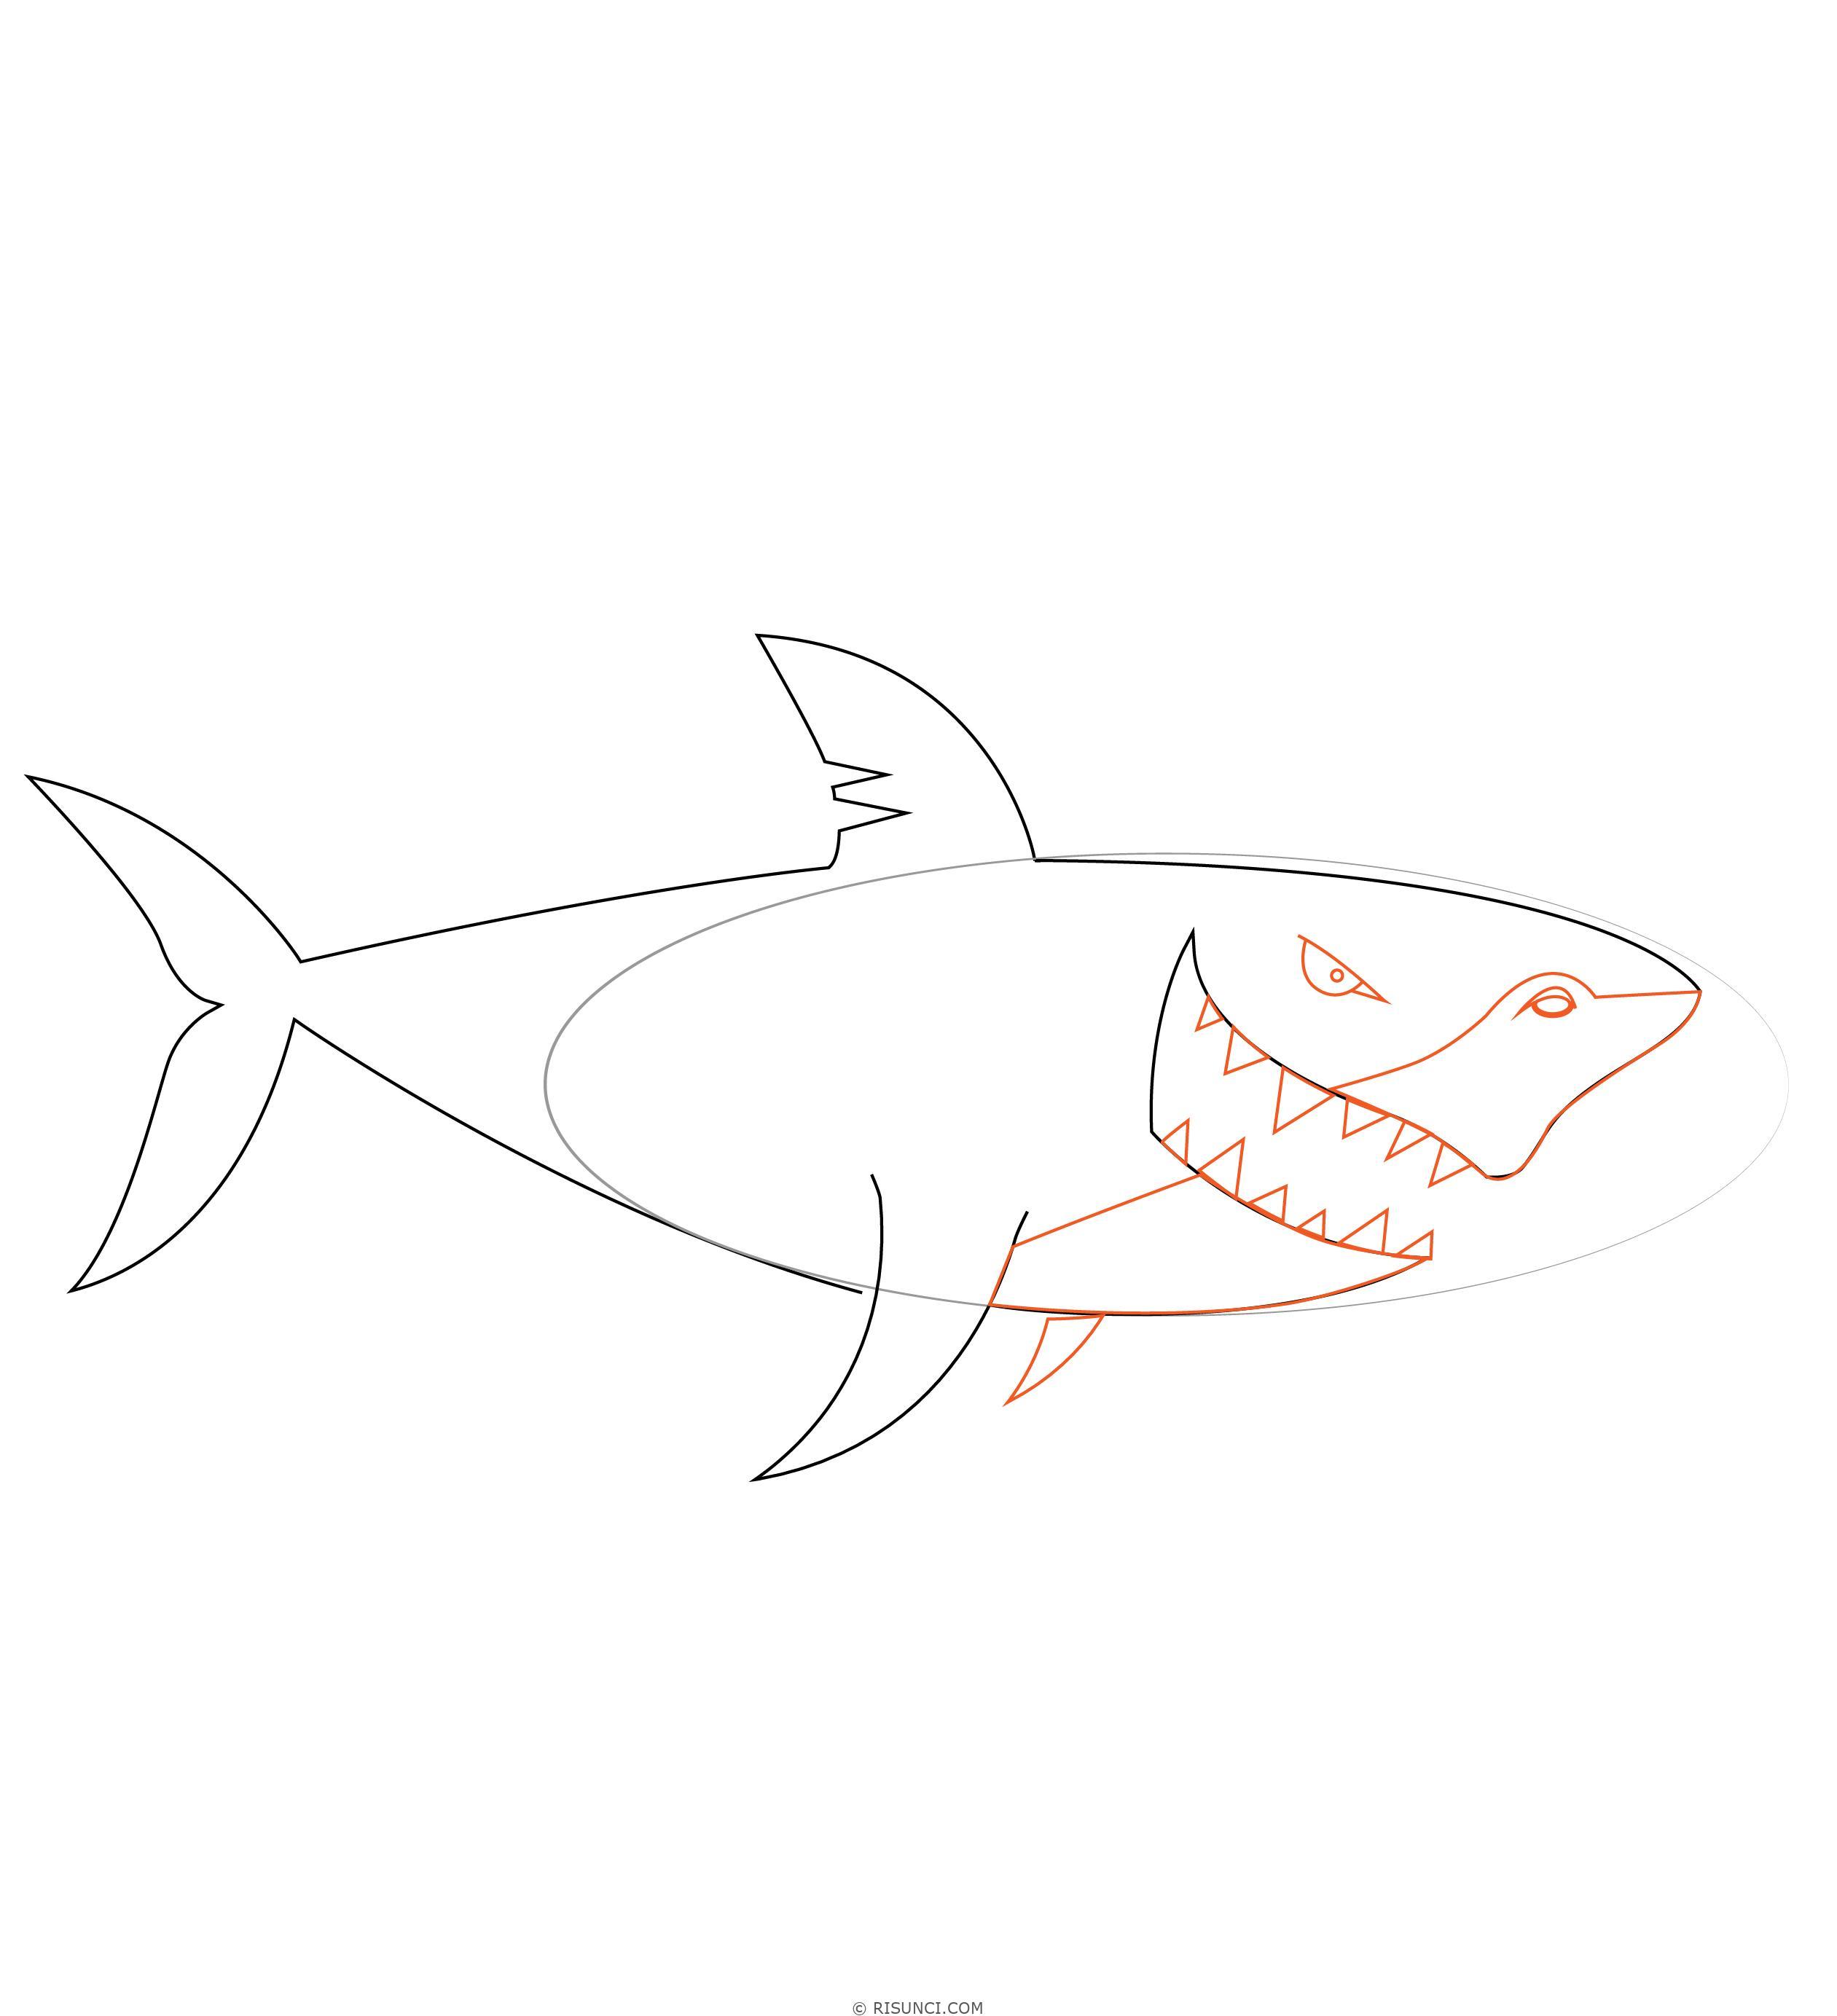 альбом картинки как нарисовать акулу карандашом поэтапно наука, которая изучает